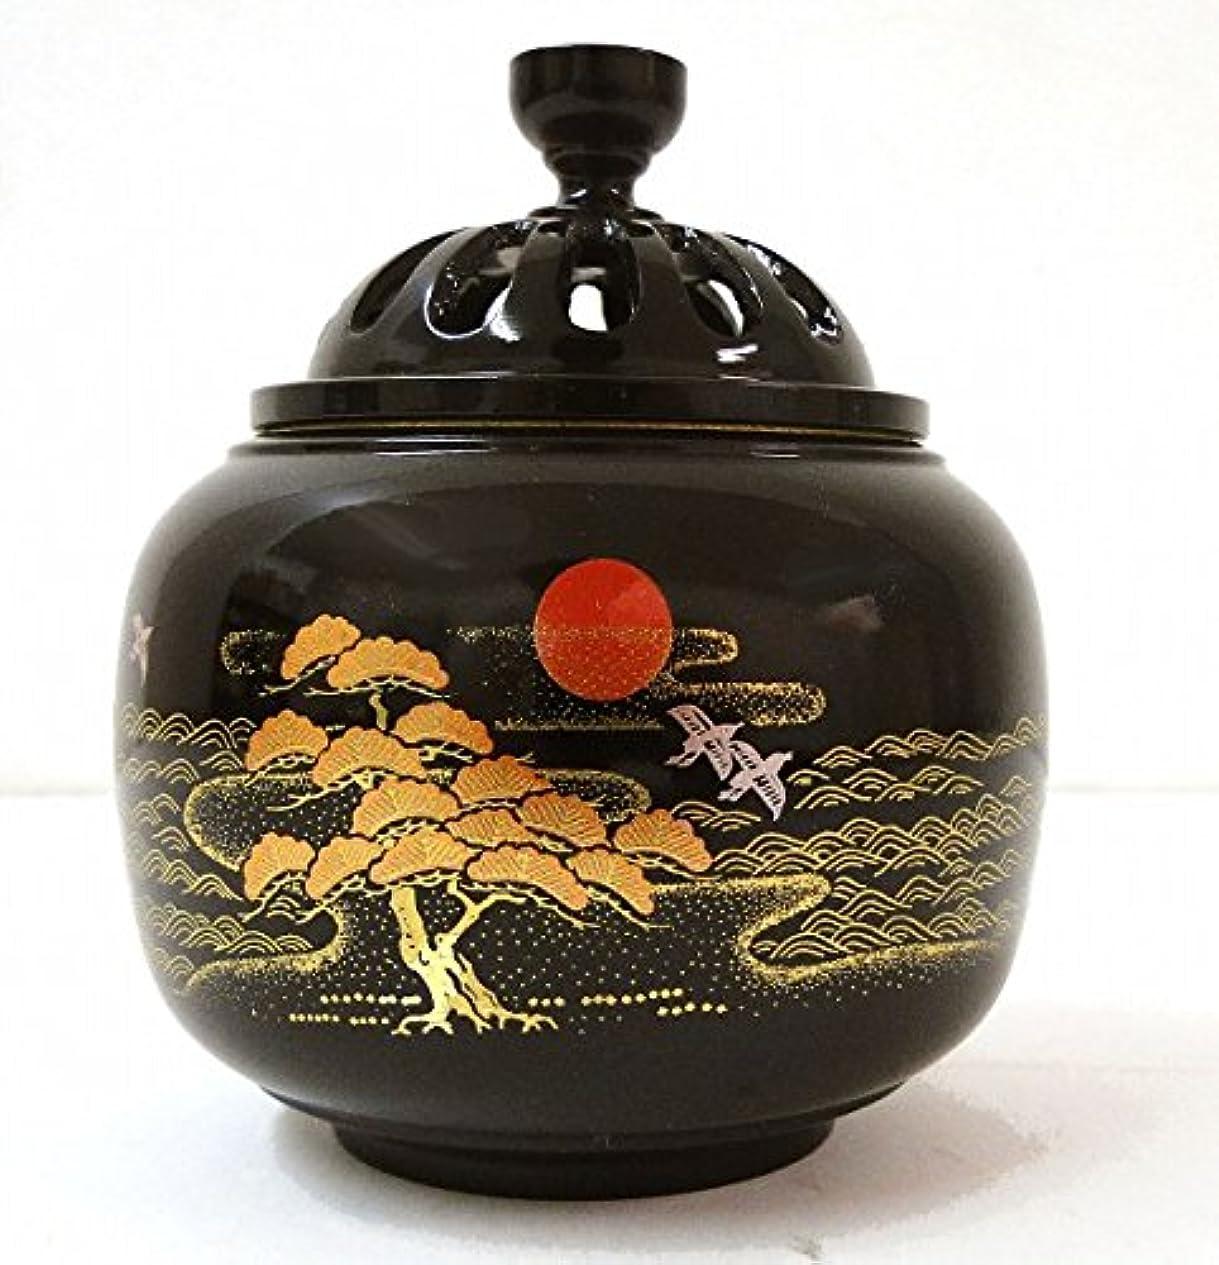 『玉胴型香炉?日ノ出松蒔絵』銅製